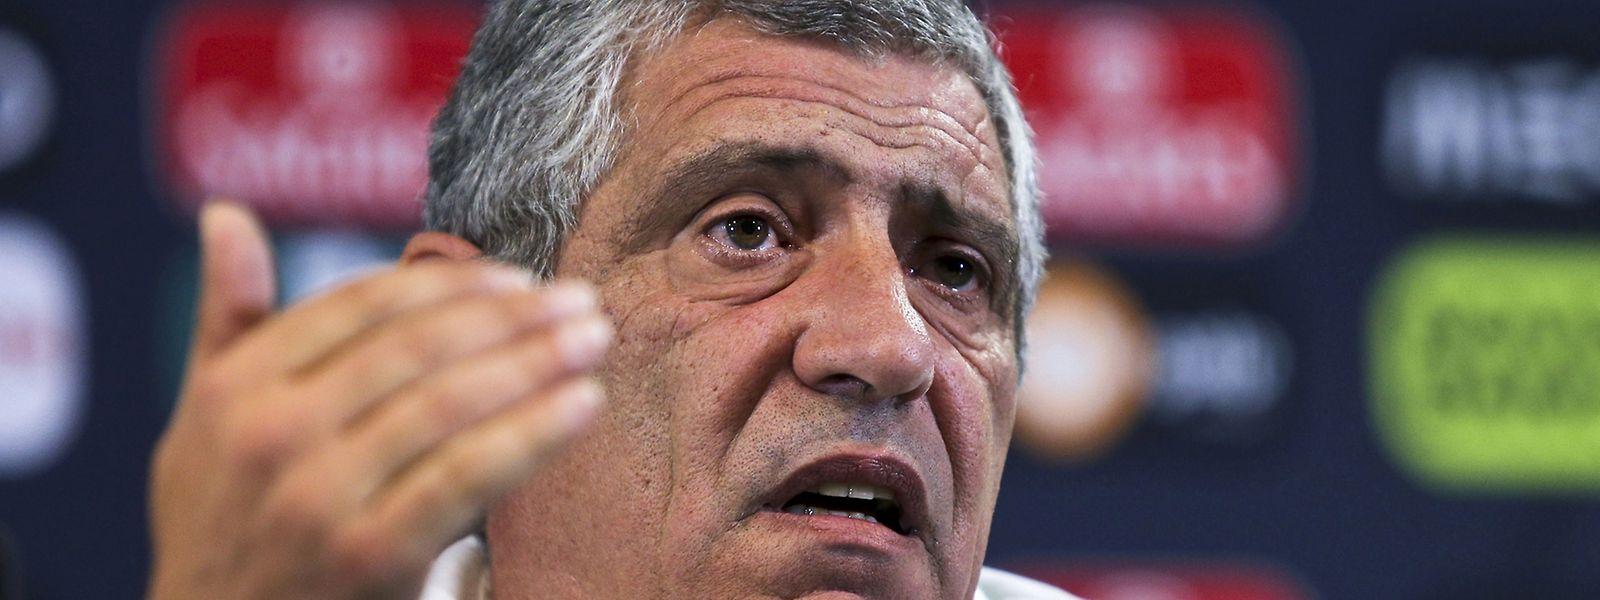 Fernando Santos está consciente das dificuldades frenet aos albaneses, mas acredita que Portugal pode vencer